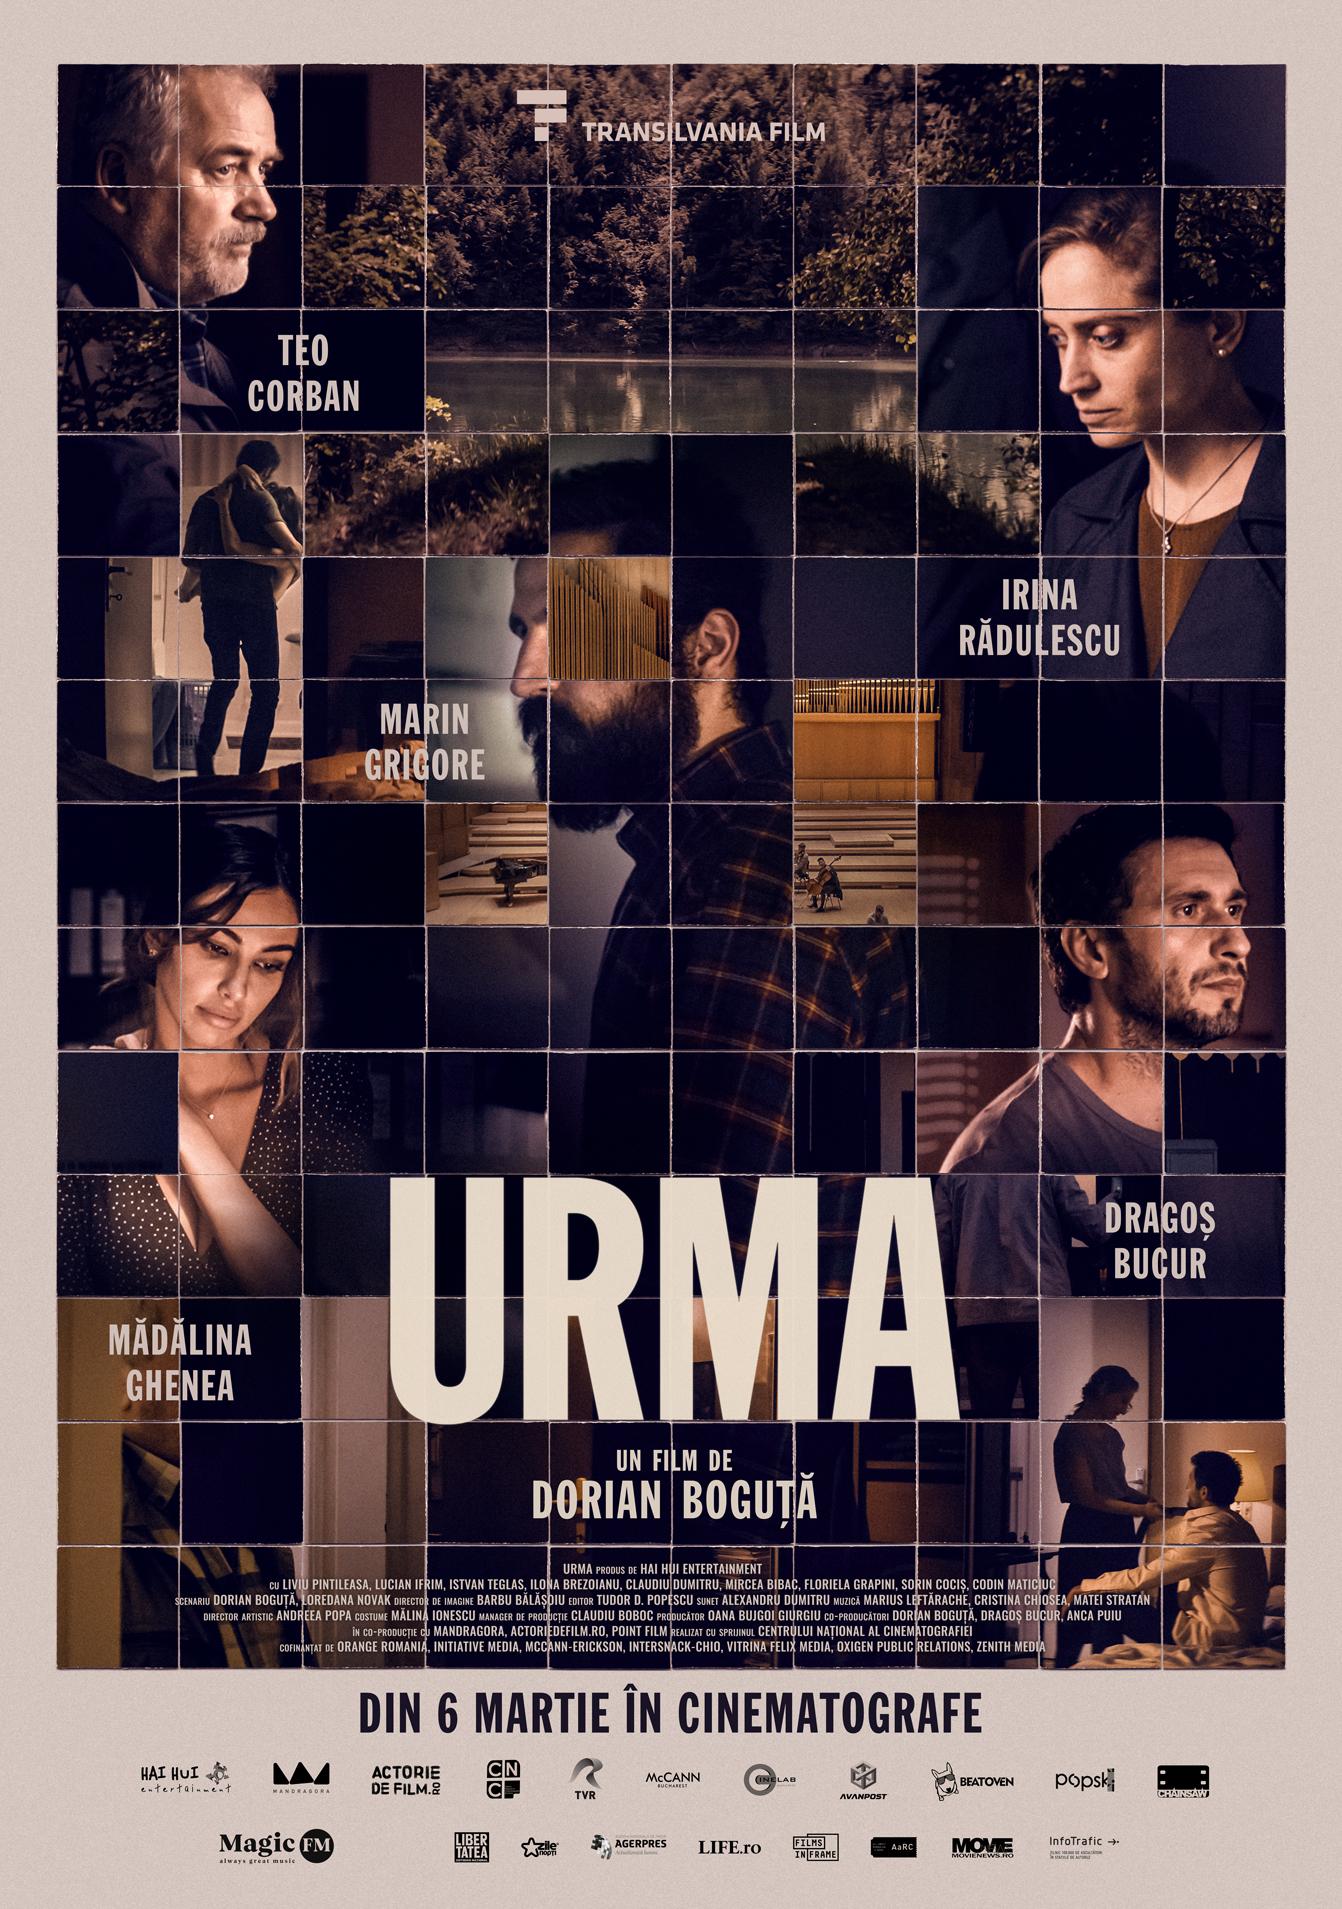 Filmul Urma, afiș